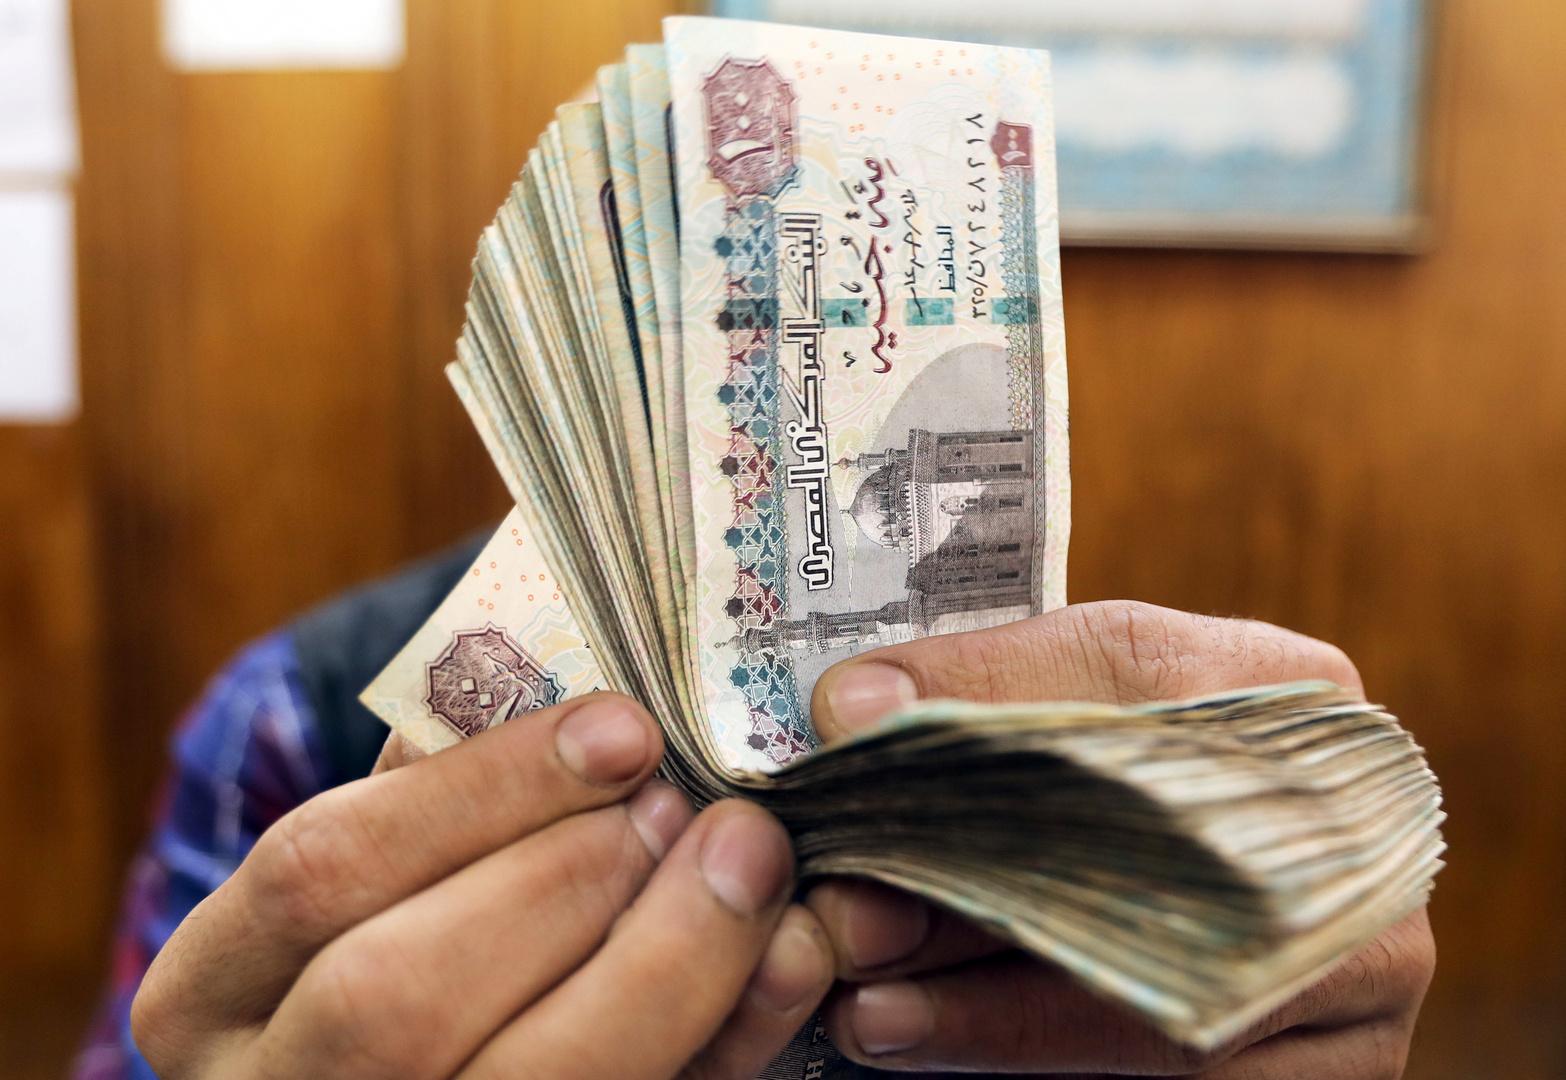 مصر تعين بنوكا بشأن إصدار سندات دولارية خضراء